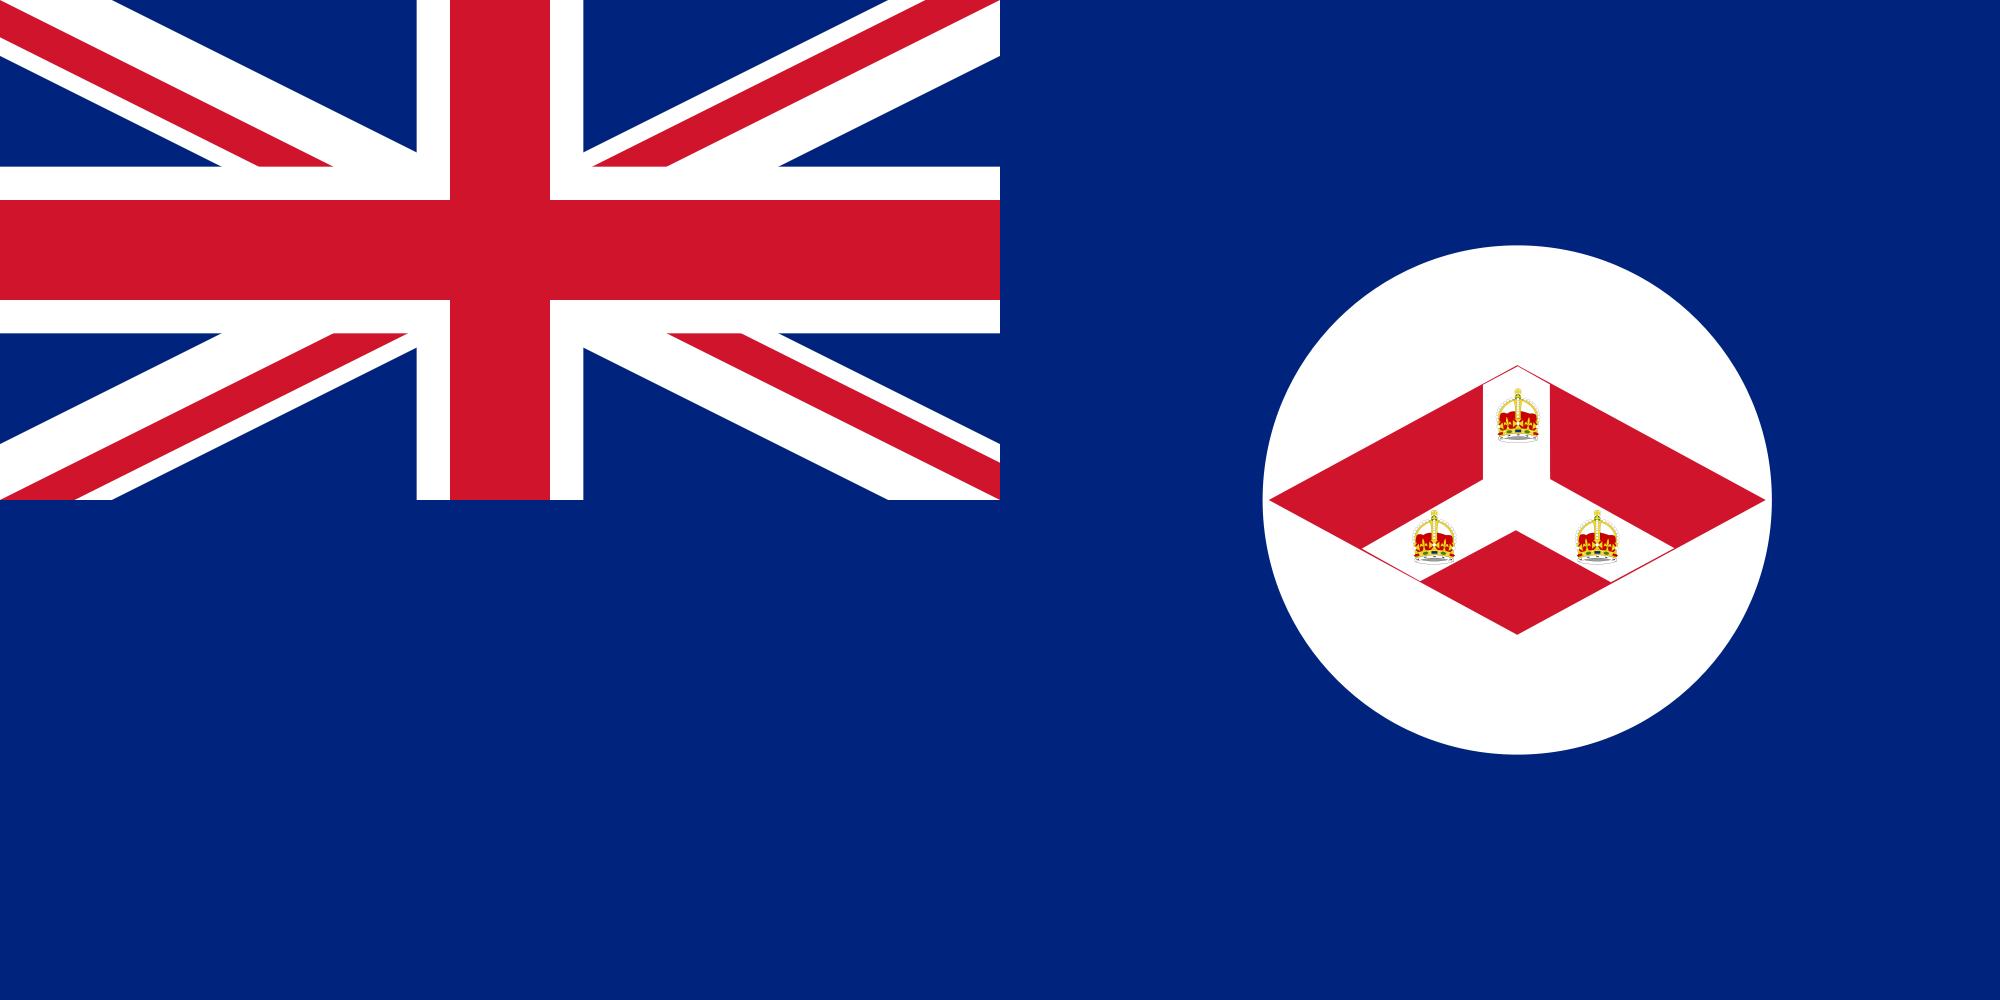 British Straits Settlements (1874-1942)